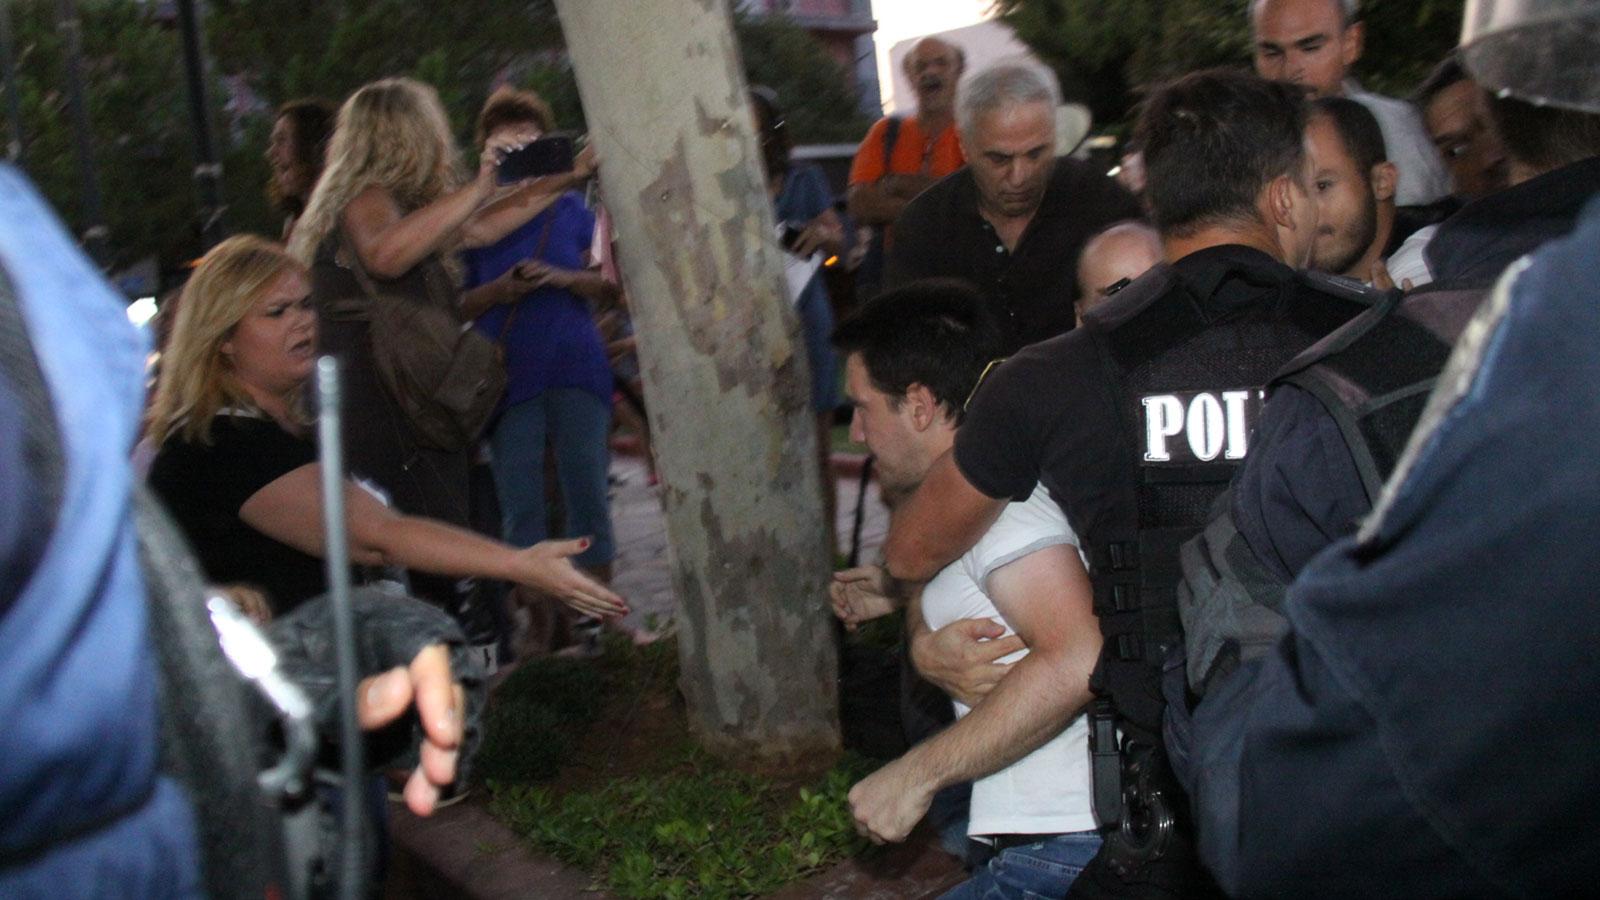 ΚΚΕ : Επίθεση των αστυνομικών δυνάμεων στους συγκεντρωμένους ενάντια στην επέκταση της χωματερής (VIDEO - ΦΩΤΟ)